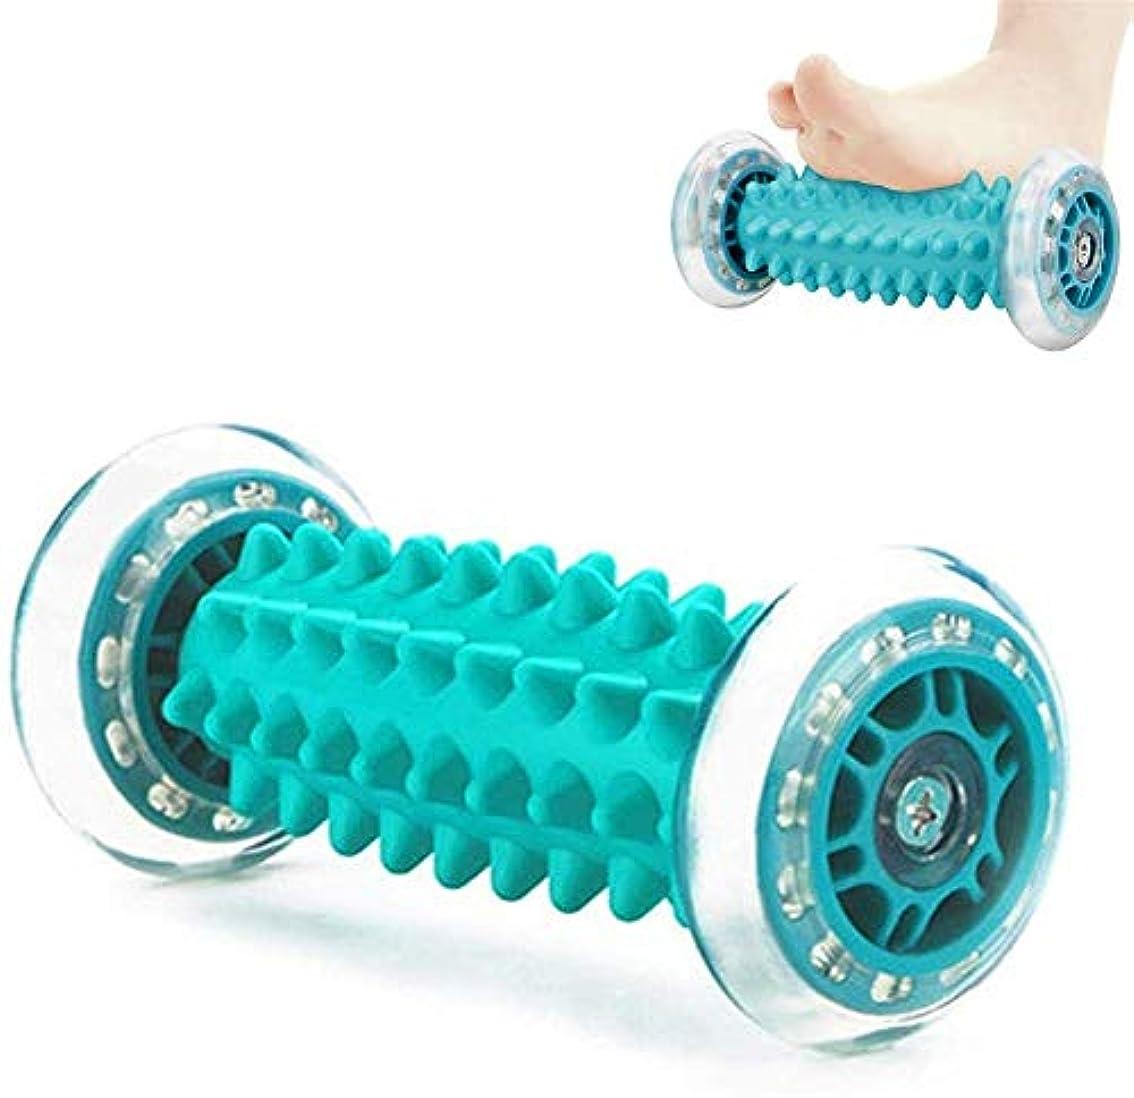 チラチラするロッド腸フットマッサージローラー、足や手のマッサージ救済ストレスとリラクゼーションマッサージ足底筋膜炎、ヒール&フットアーチの痛みのためのフットバック脚ハンドタイトな筋肉をリラックス